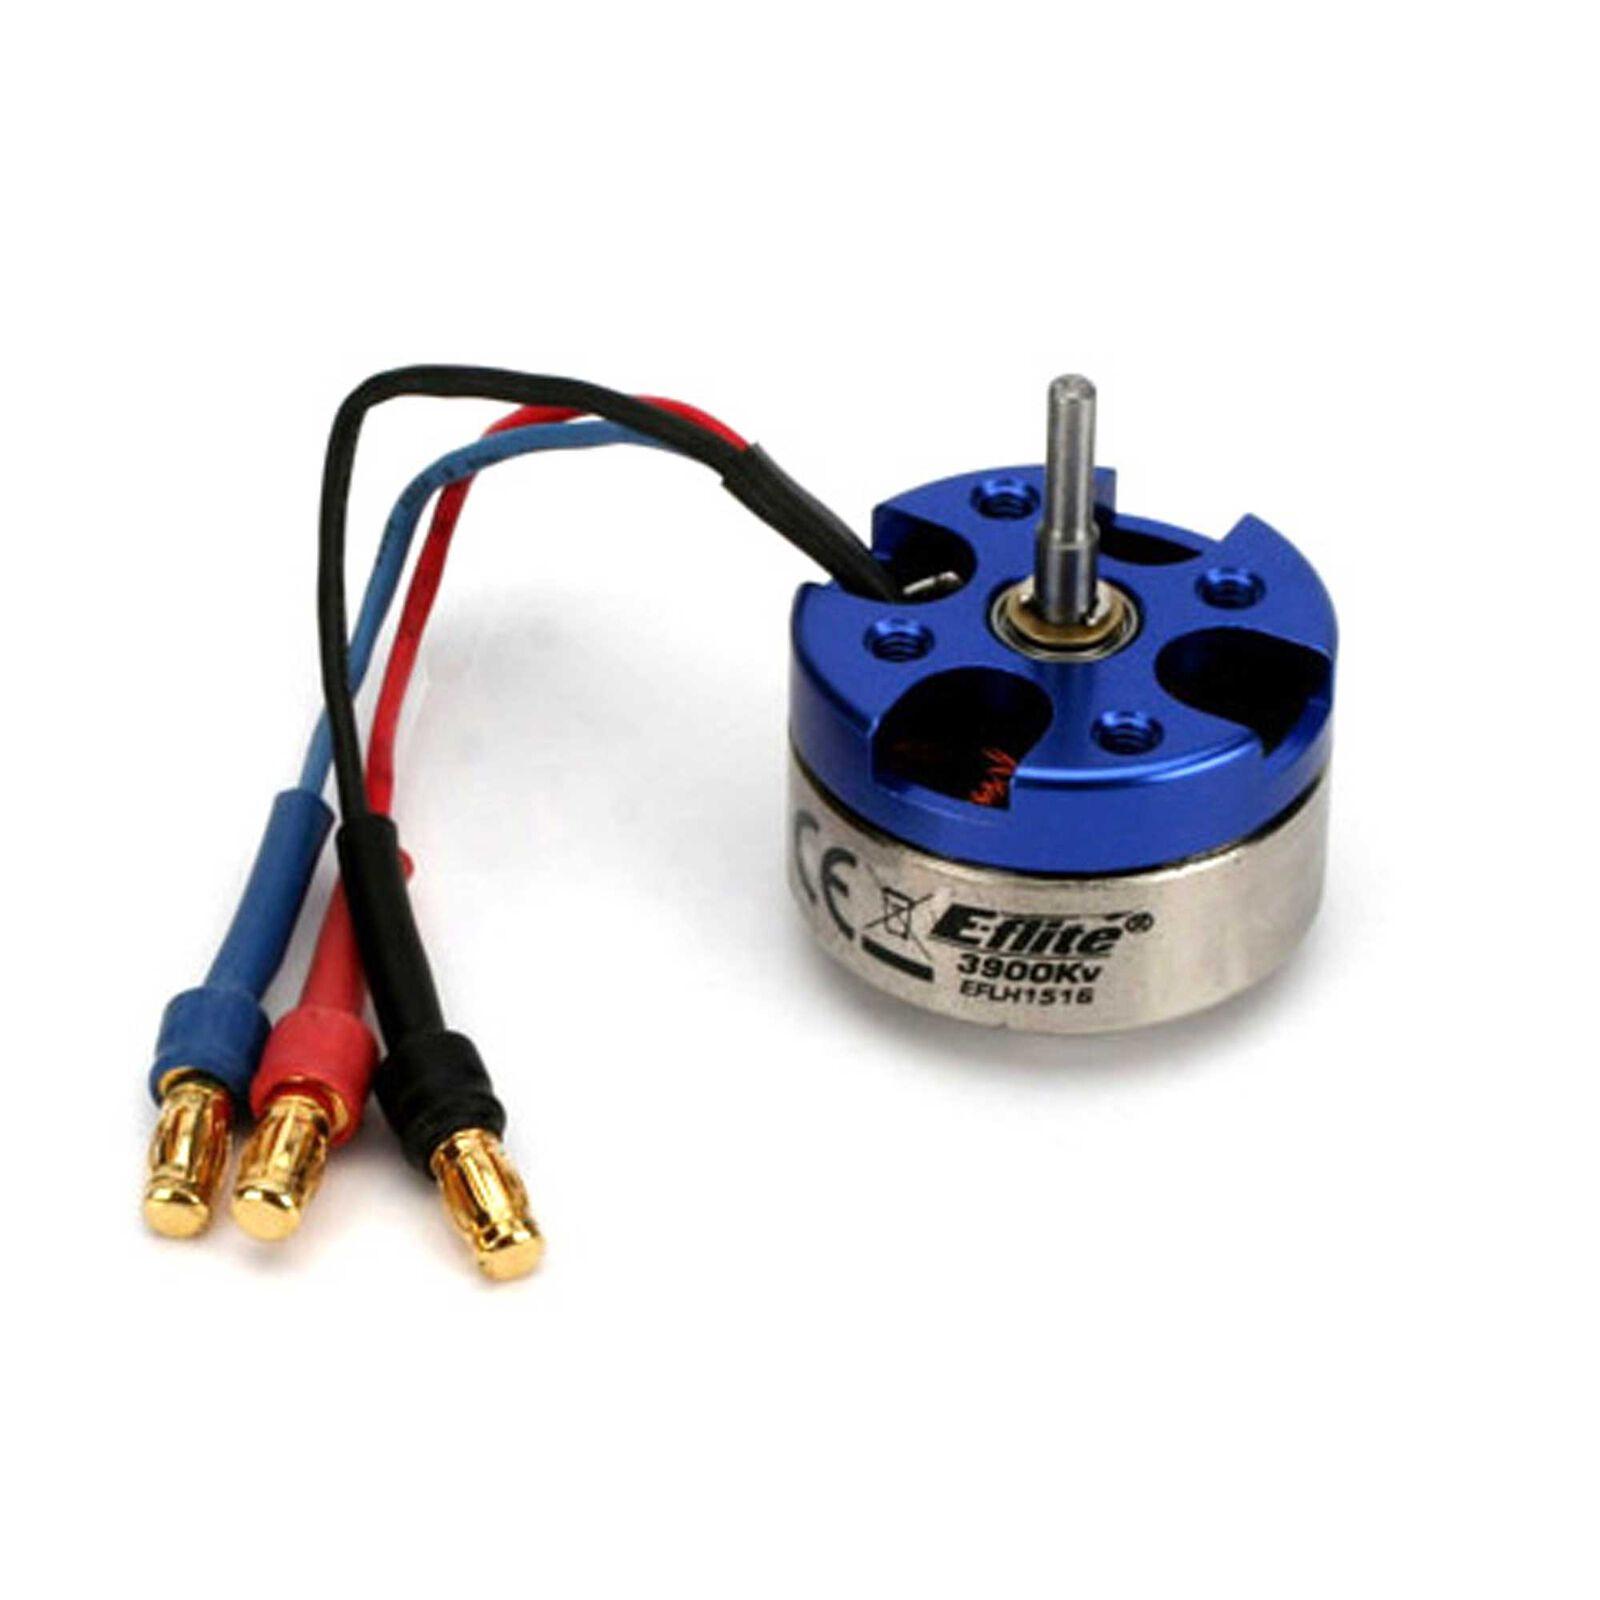 3900Kv Brushless Motor: BSR